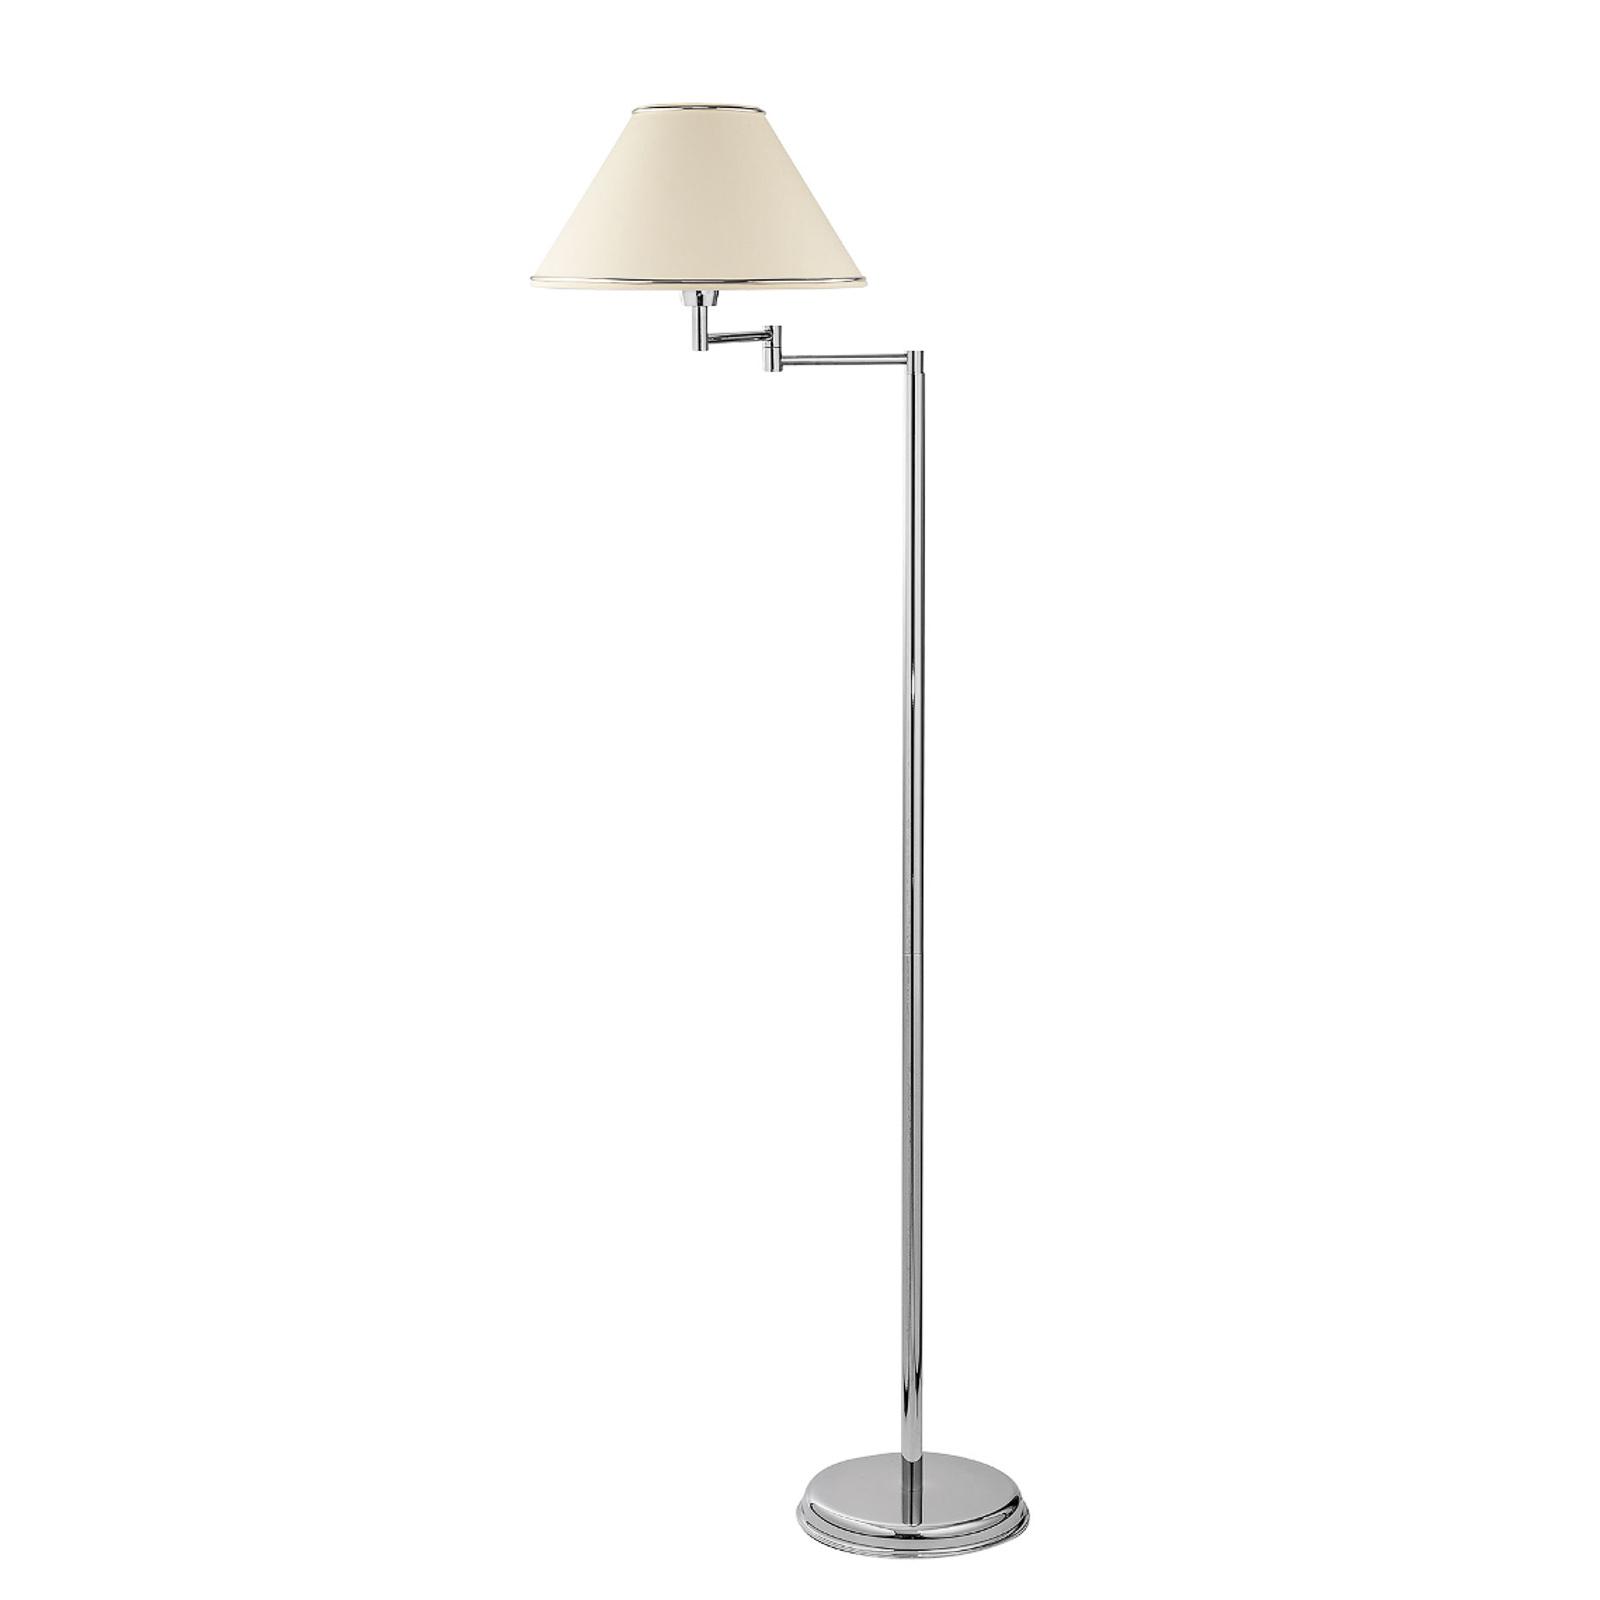 Lampadaire London chromé/crème 1 lampe inclinable